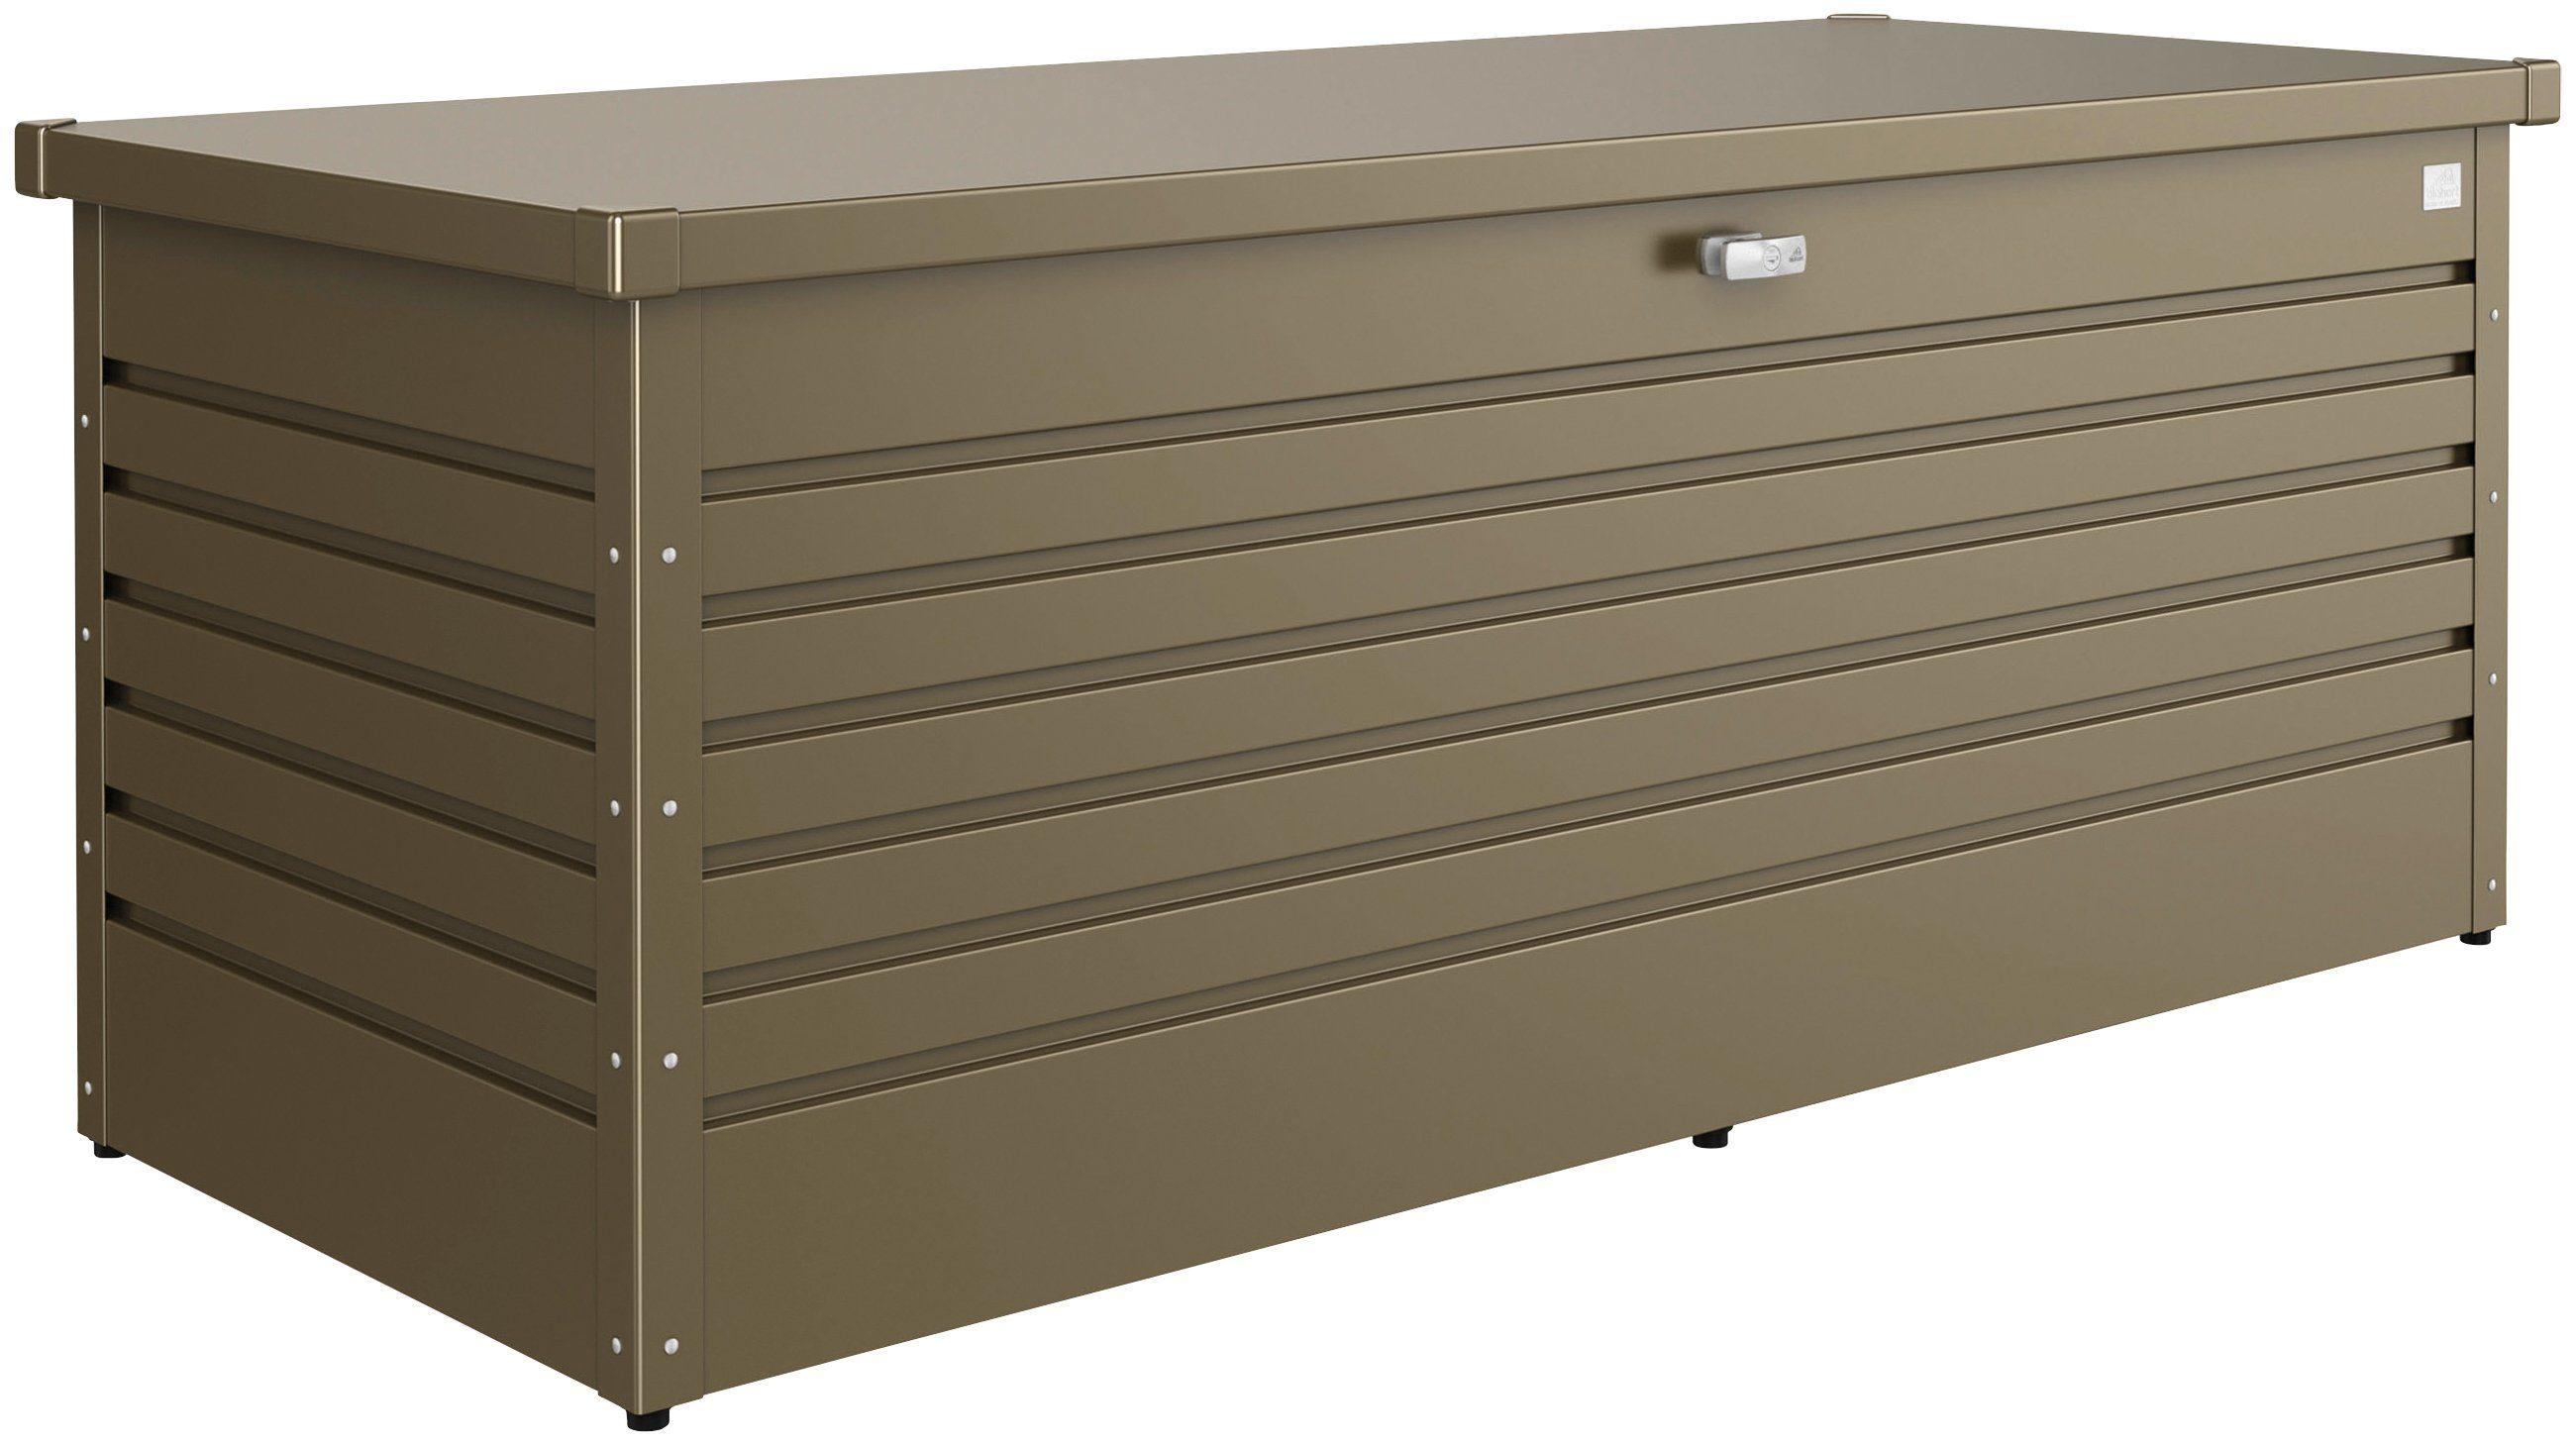 Biohort Aufbewahrungsbox »Freizeitbox 180«, B/T/H: 181/79/71 cm, bronzefarben metallic